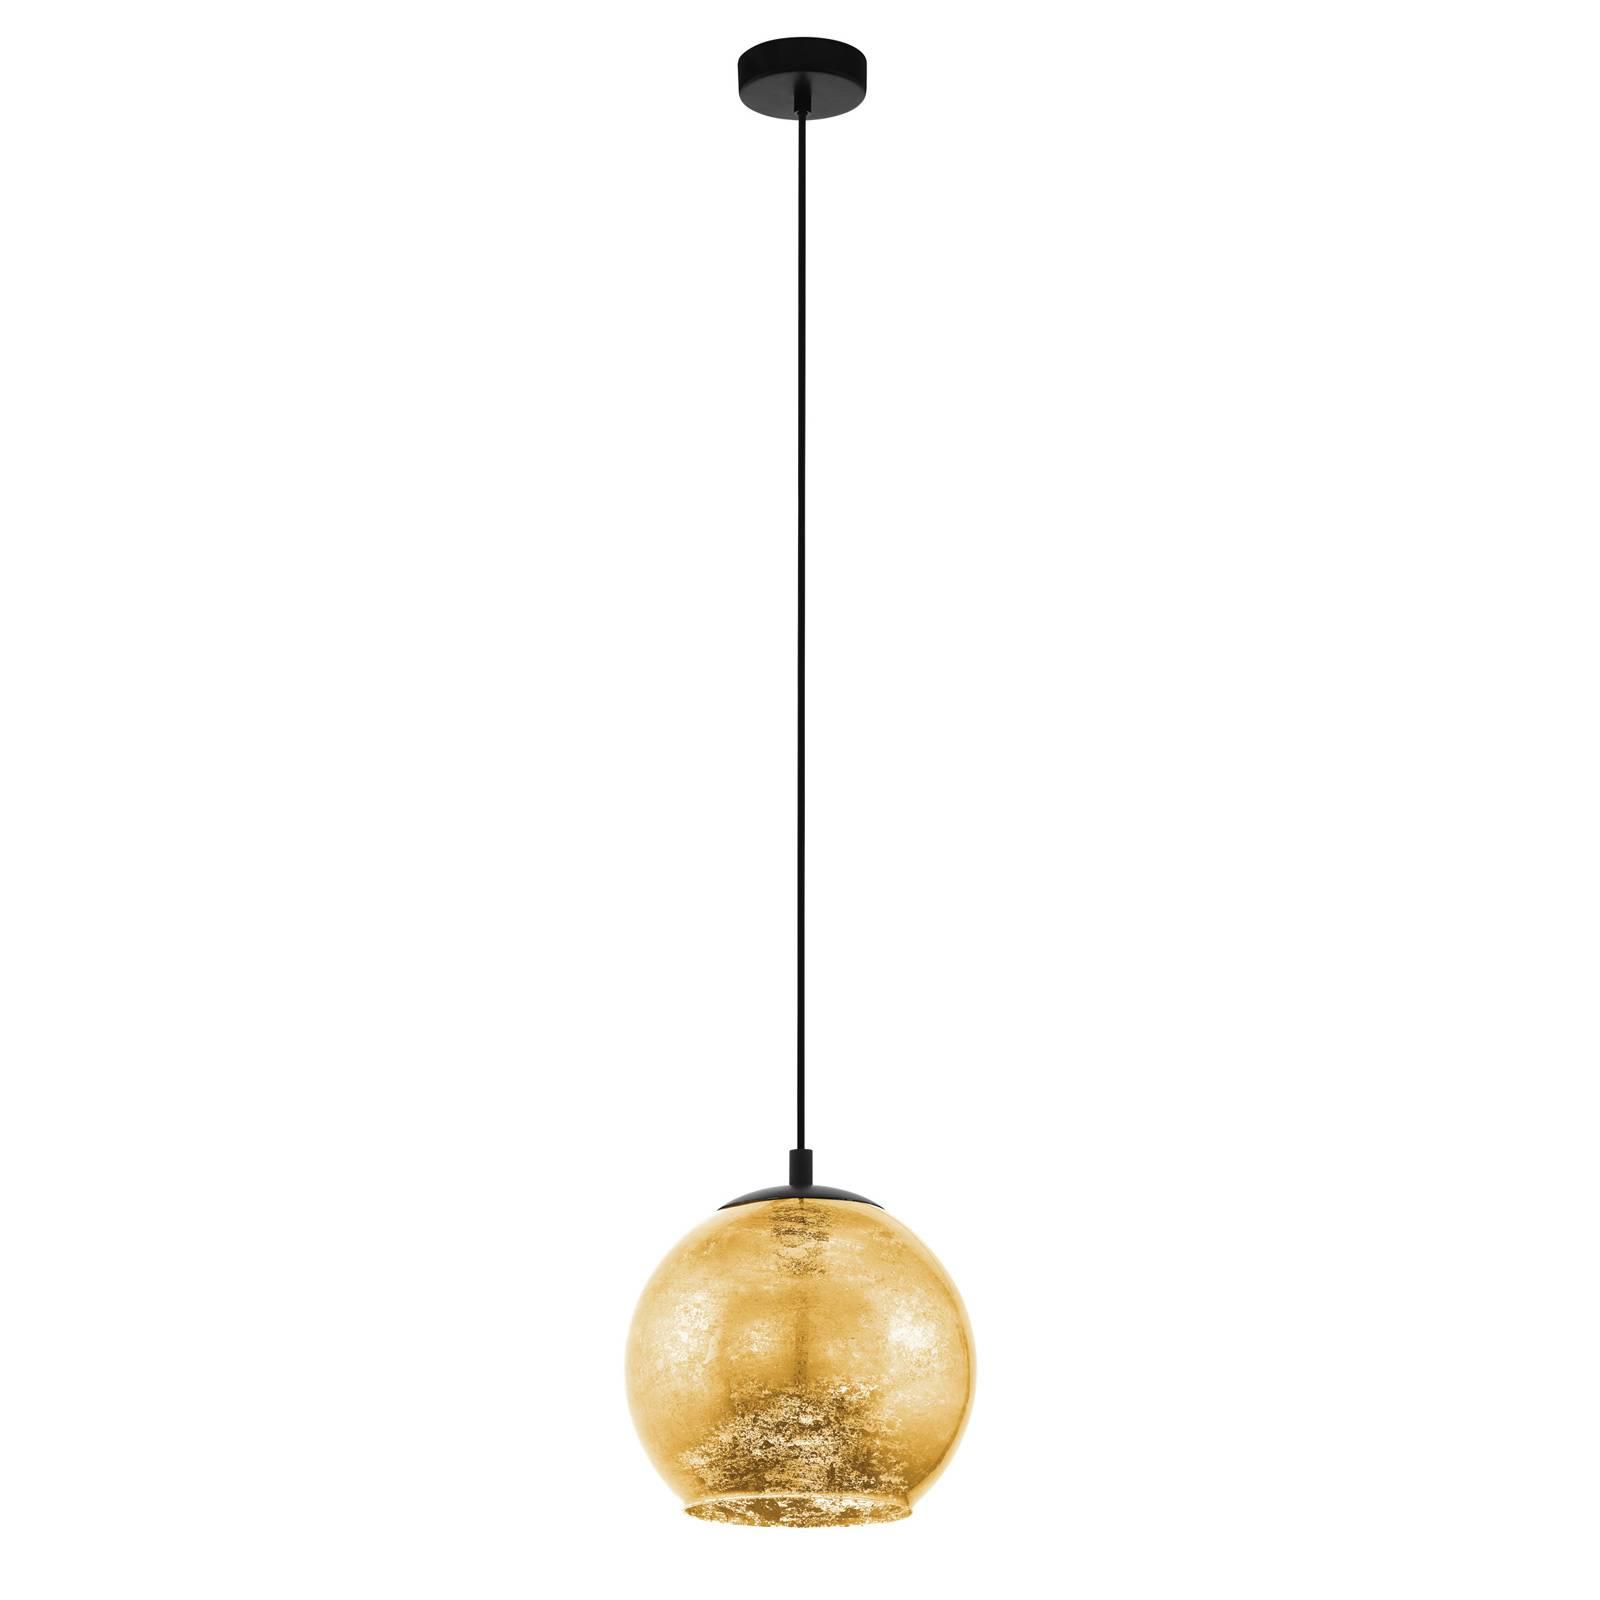 Suspension Albaraccin à 1 lampe, Ø 27cm